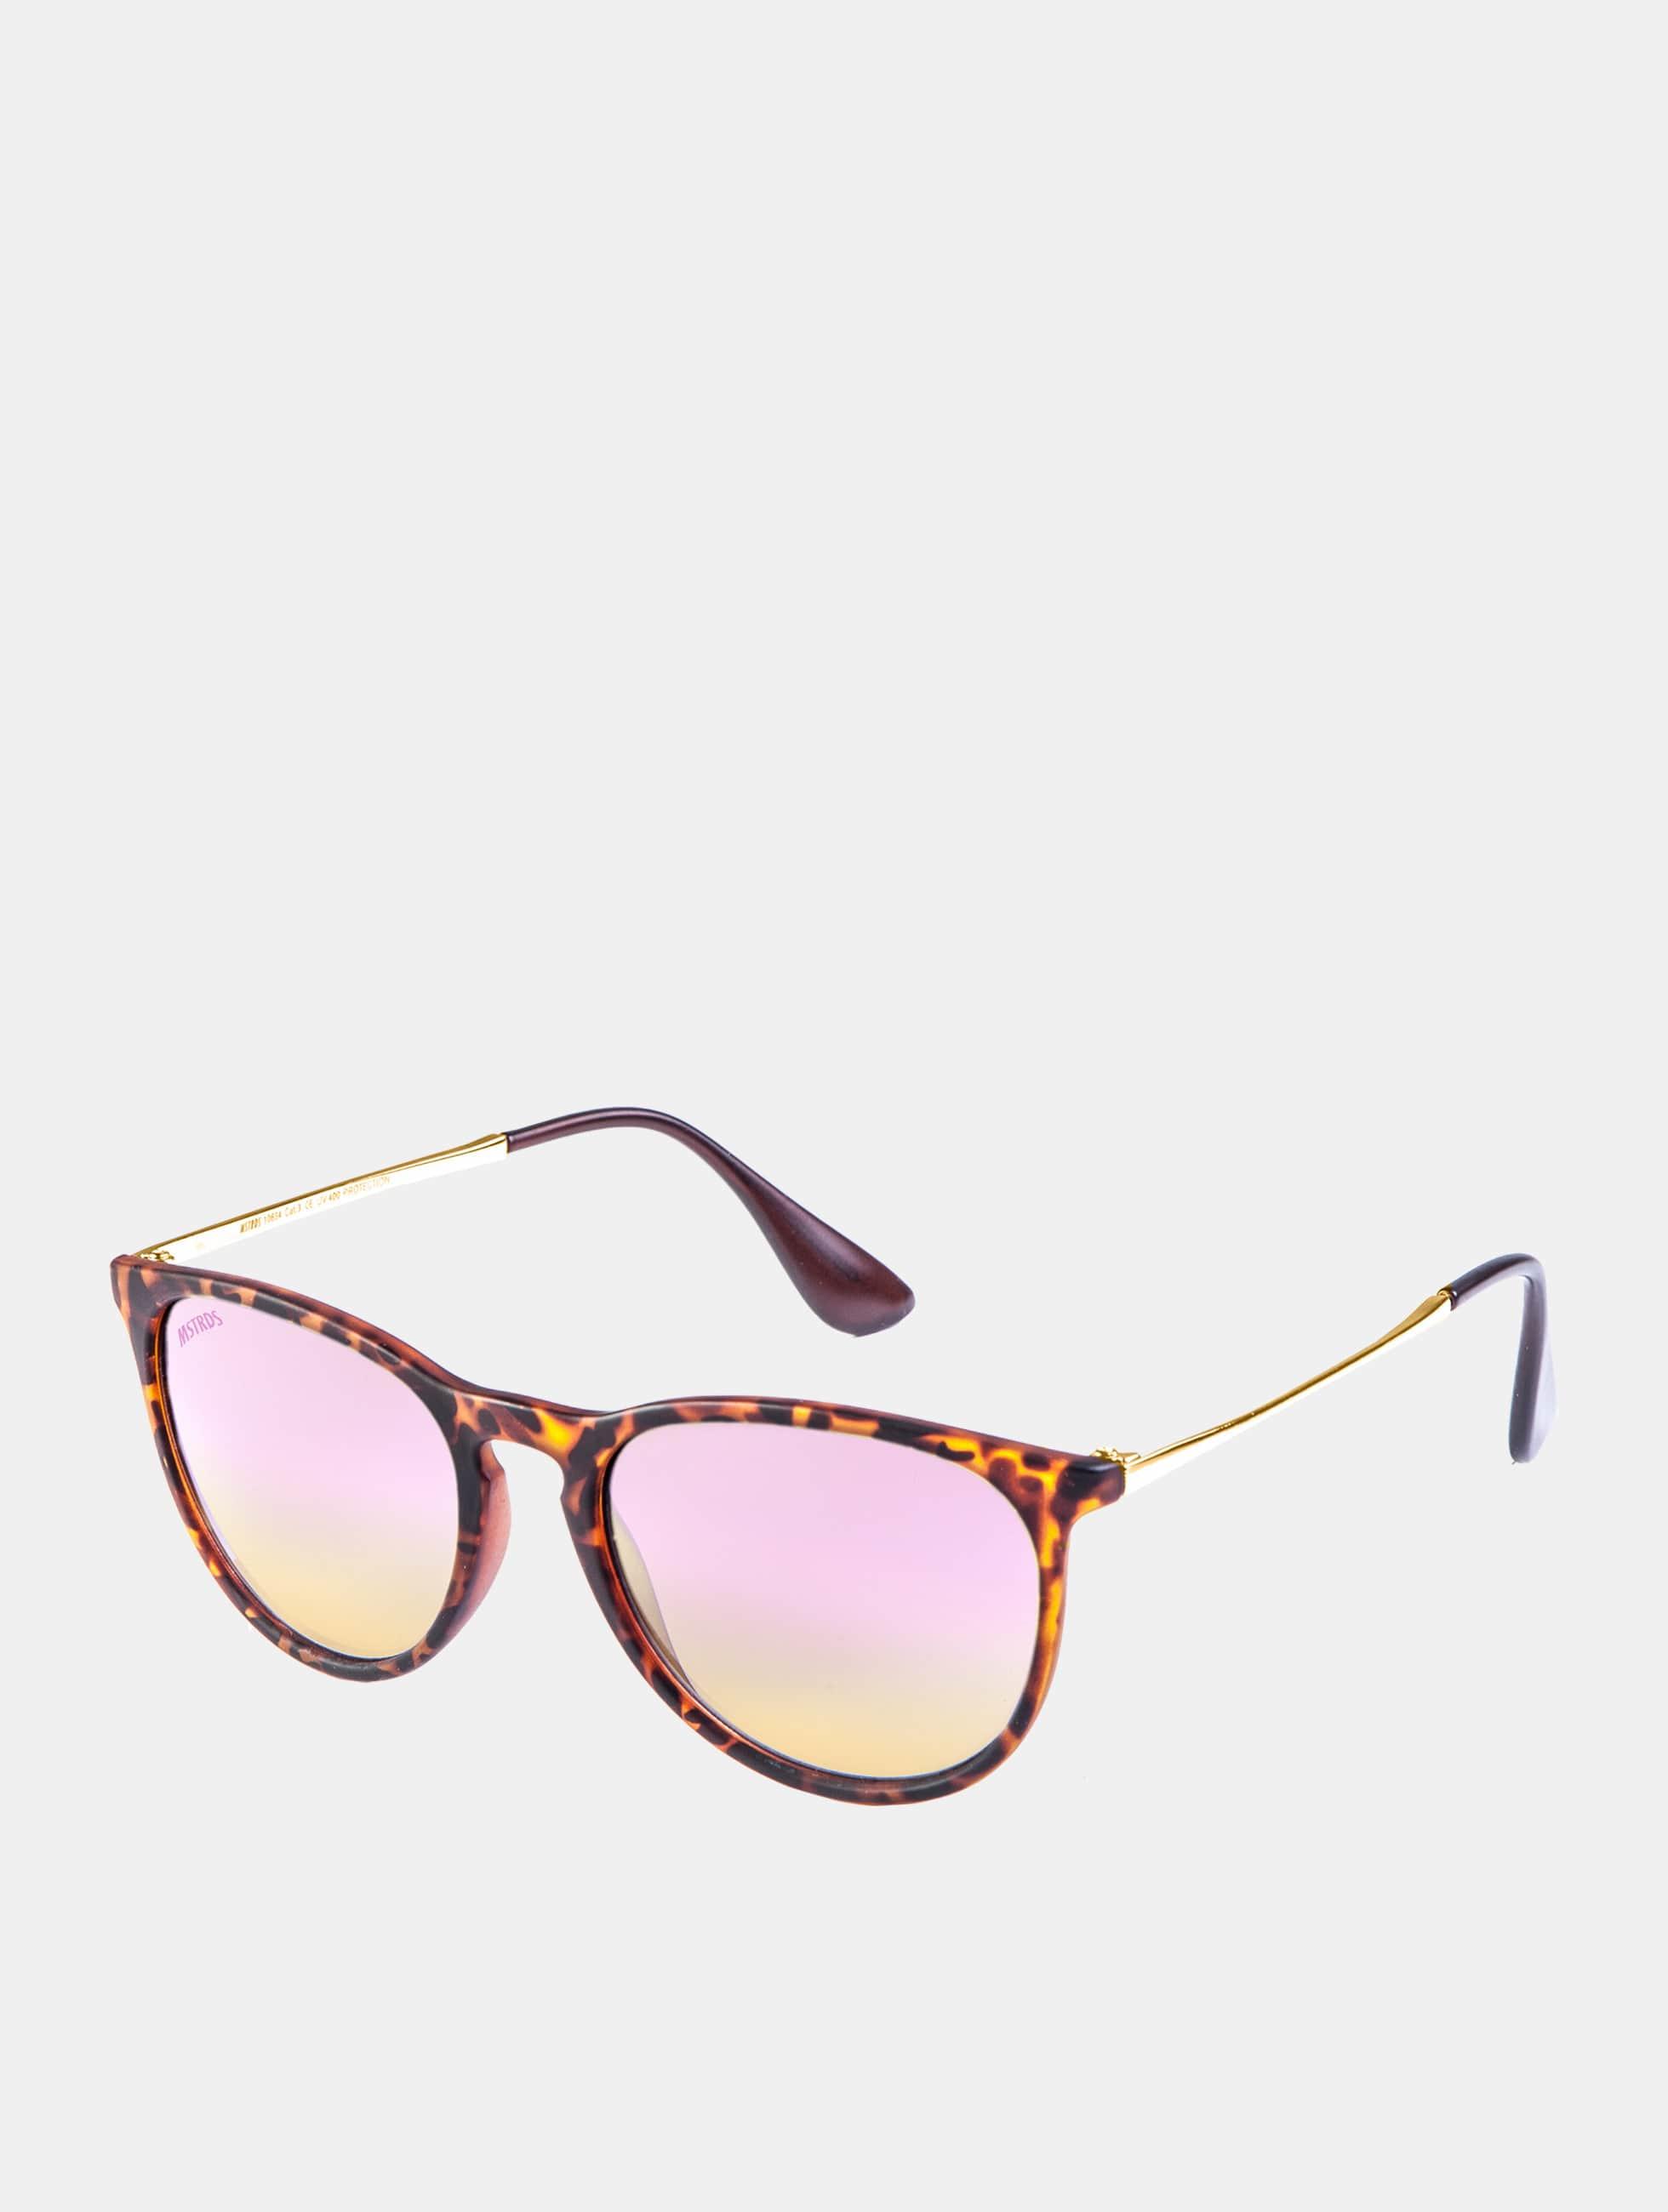 MSTRDS   Jesica Polarized Mirror brun Lunettes de soleil MSTRDS acheter pas  cher Accessoires 267918 a9d463580bd1